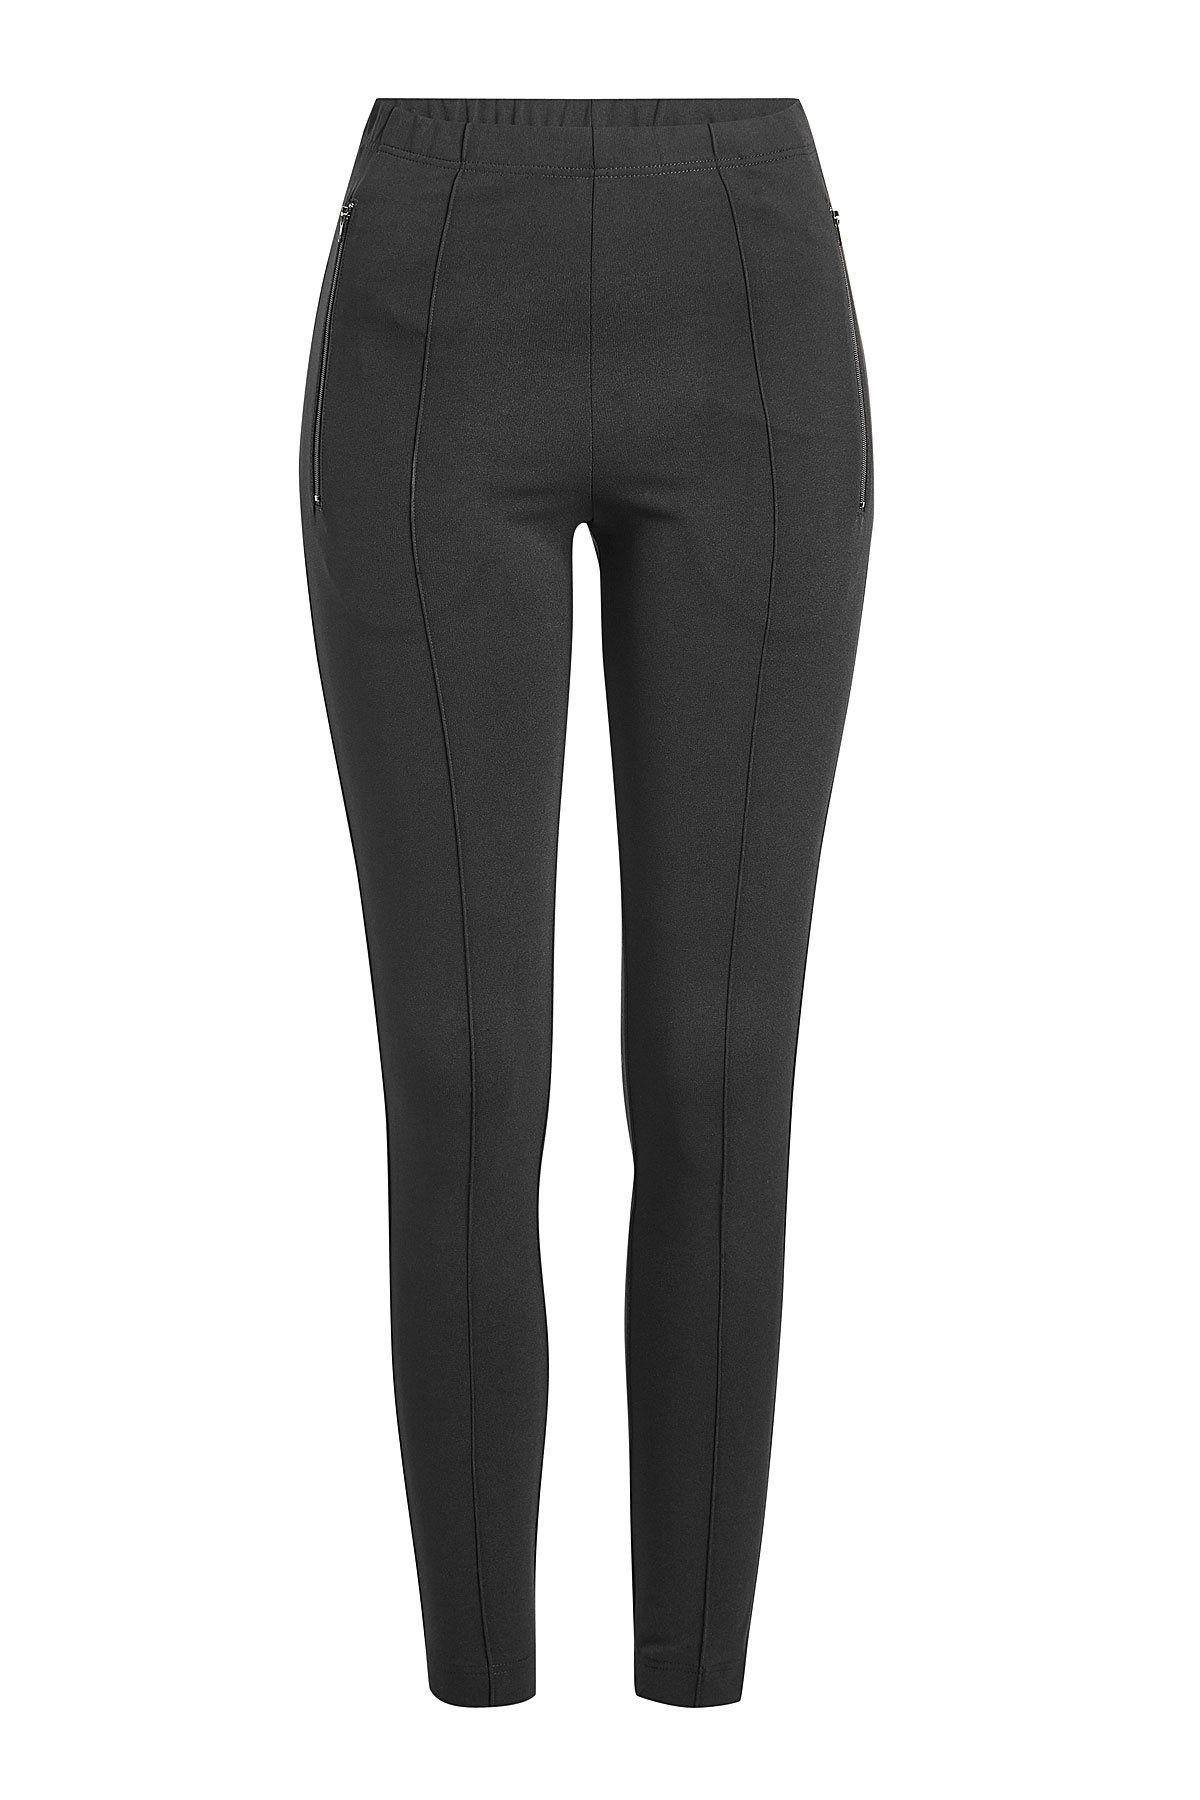 664026341f BALENCIAGA JERSEY JOGGER PANTS. #balenciaga #cloth # | Balenciaga ...